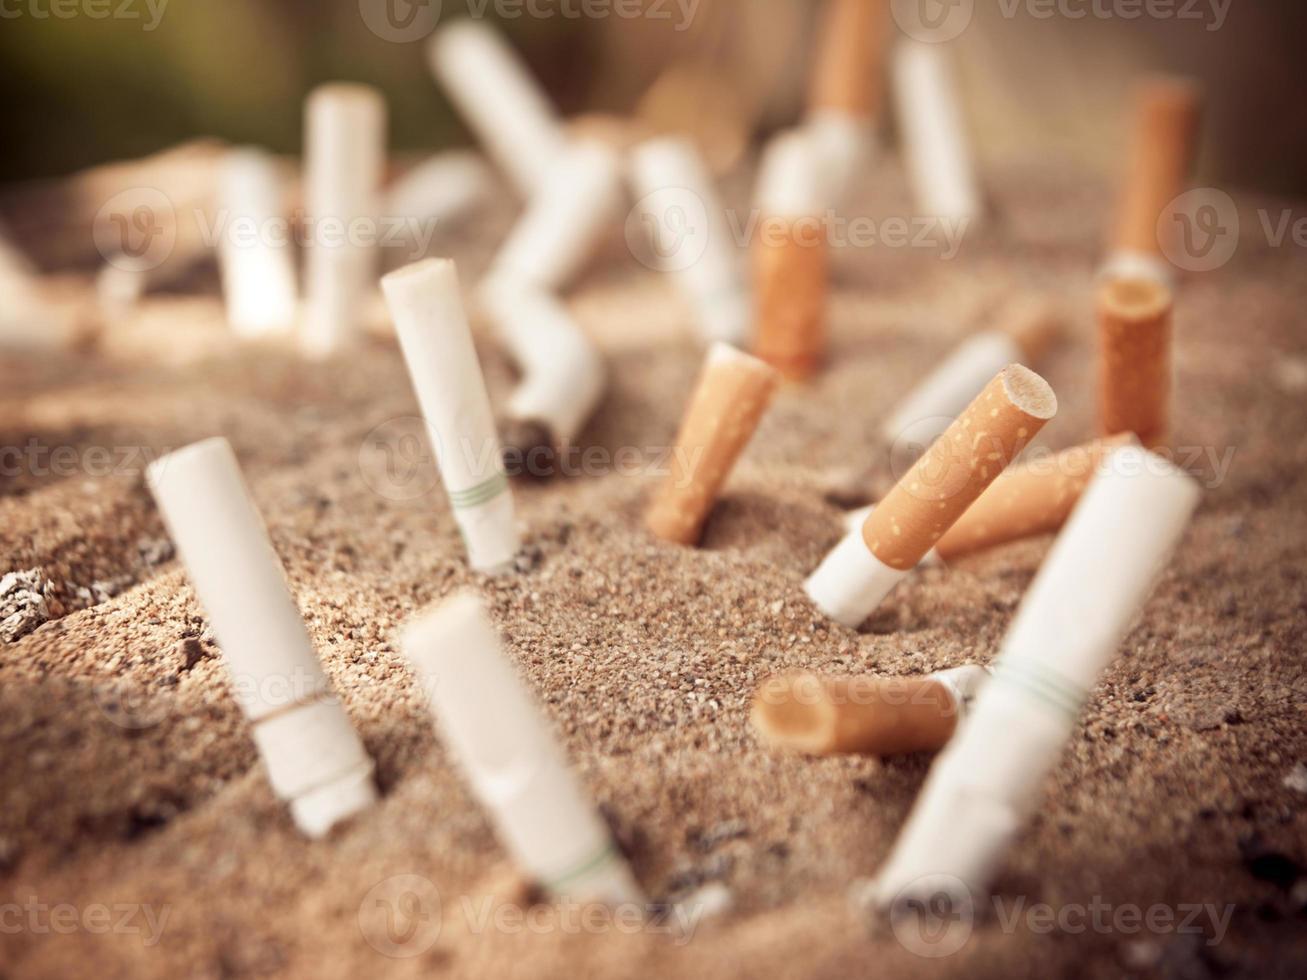 muitos cigarros queimados no cinzeiro e areia foto